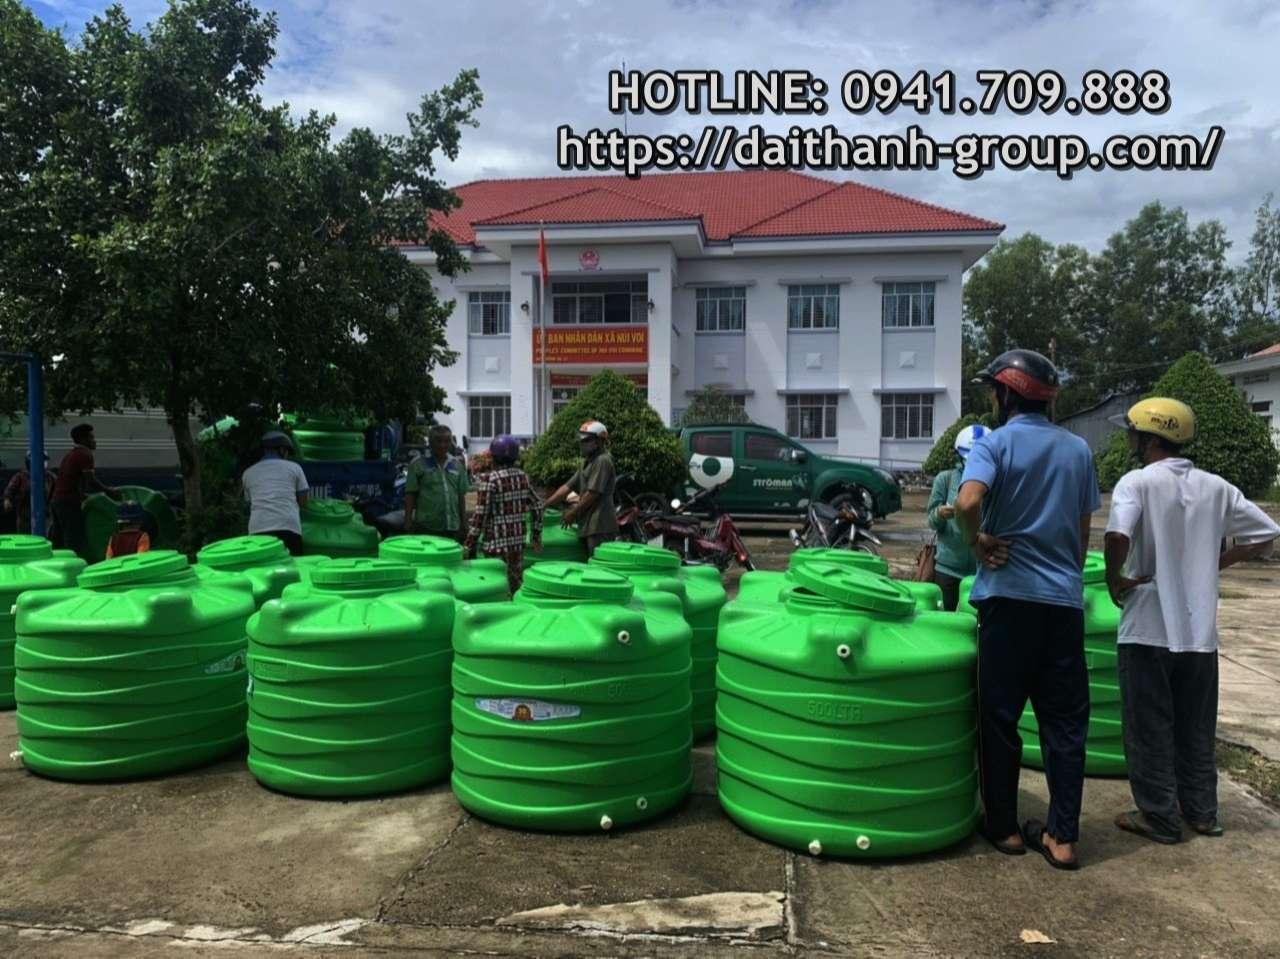 Các đơn vị phân phối bồn nước nhựa Đại Thành